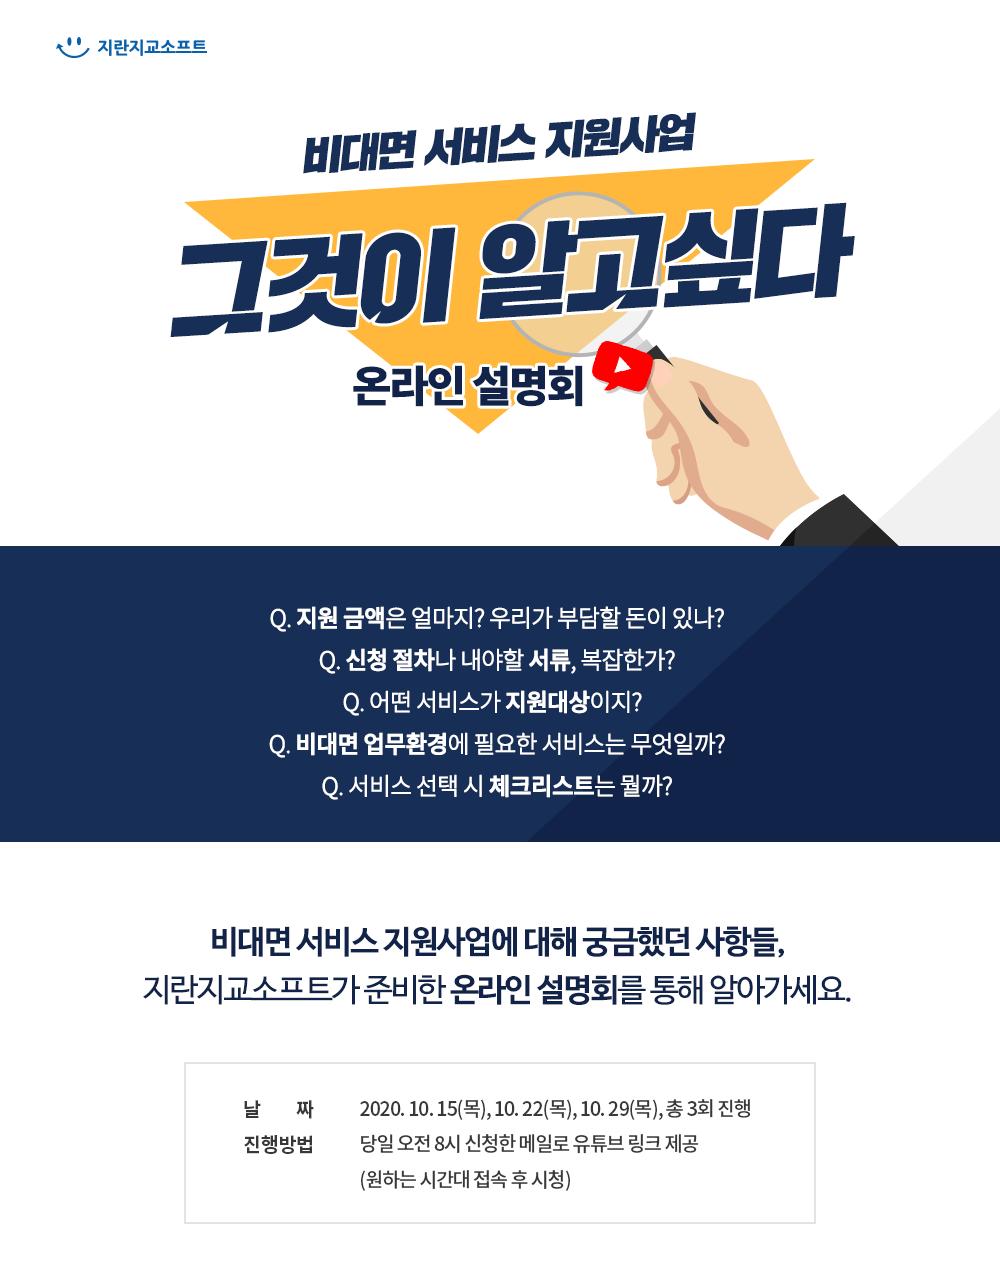 제1회 비대면 서비스 바우처 사업_지란지교소프트_설명회